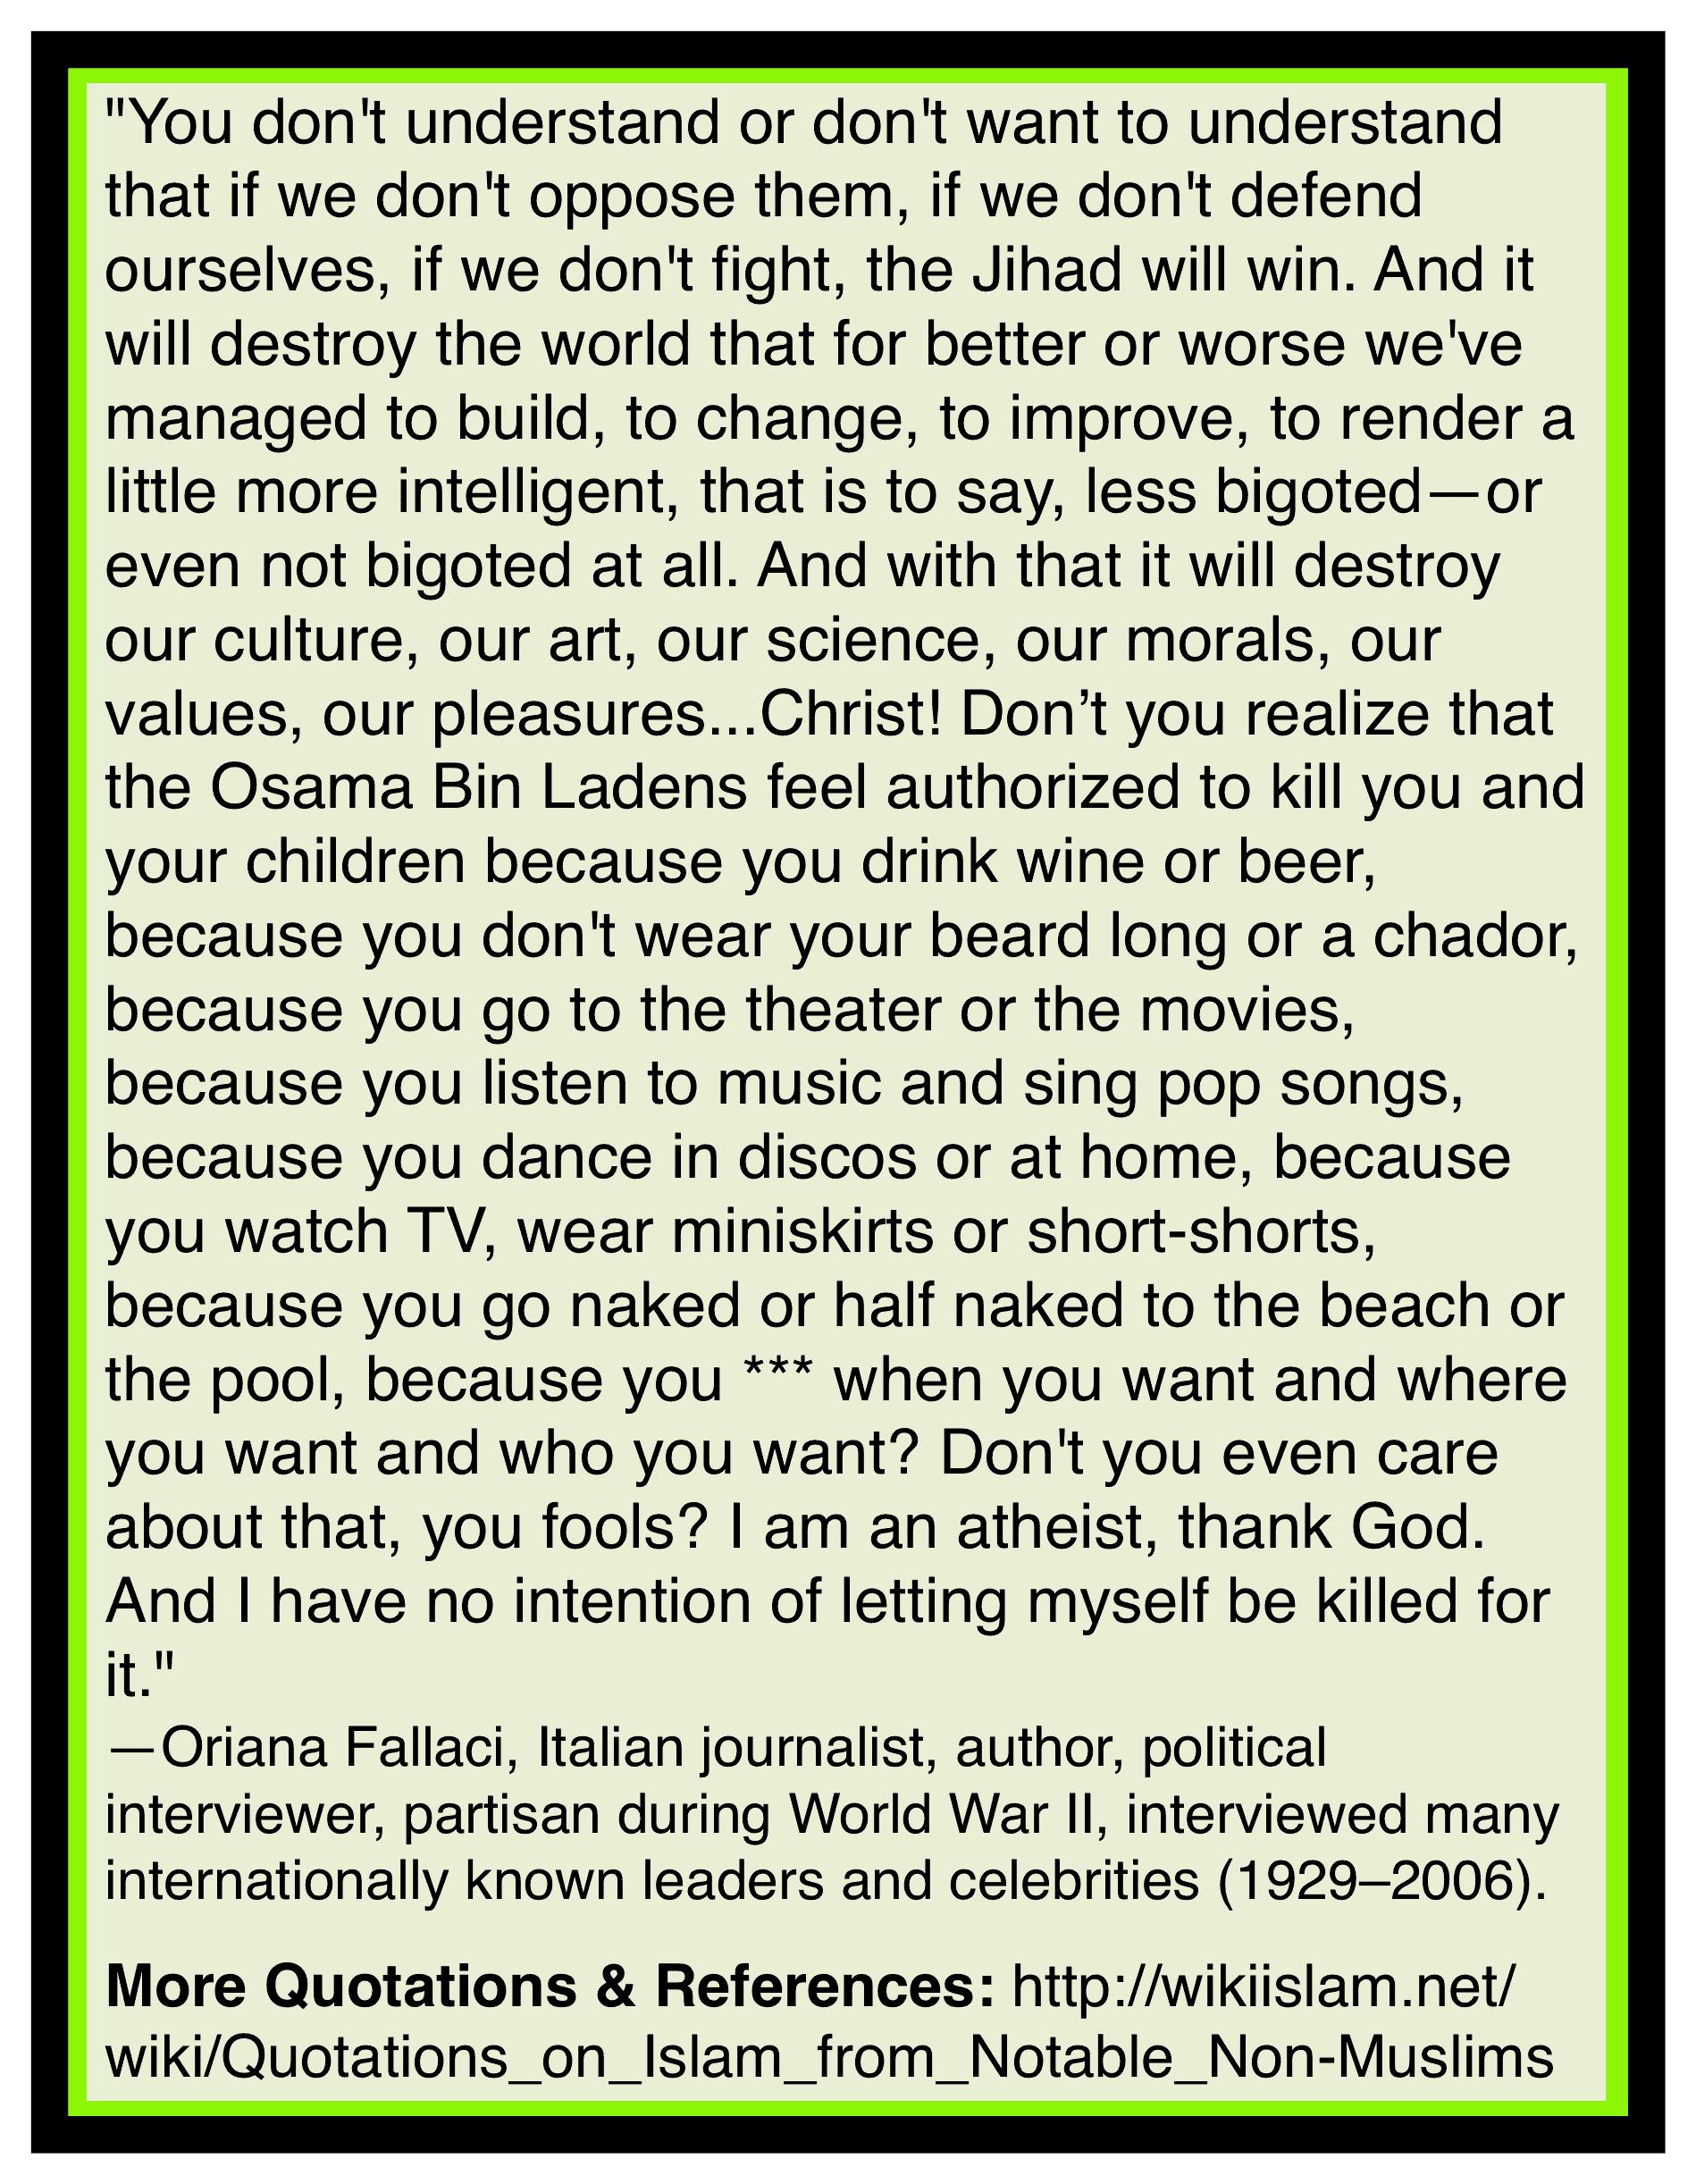 Islam destroys culture